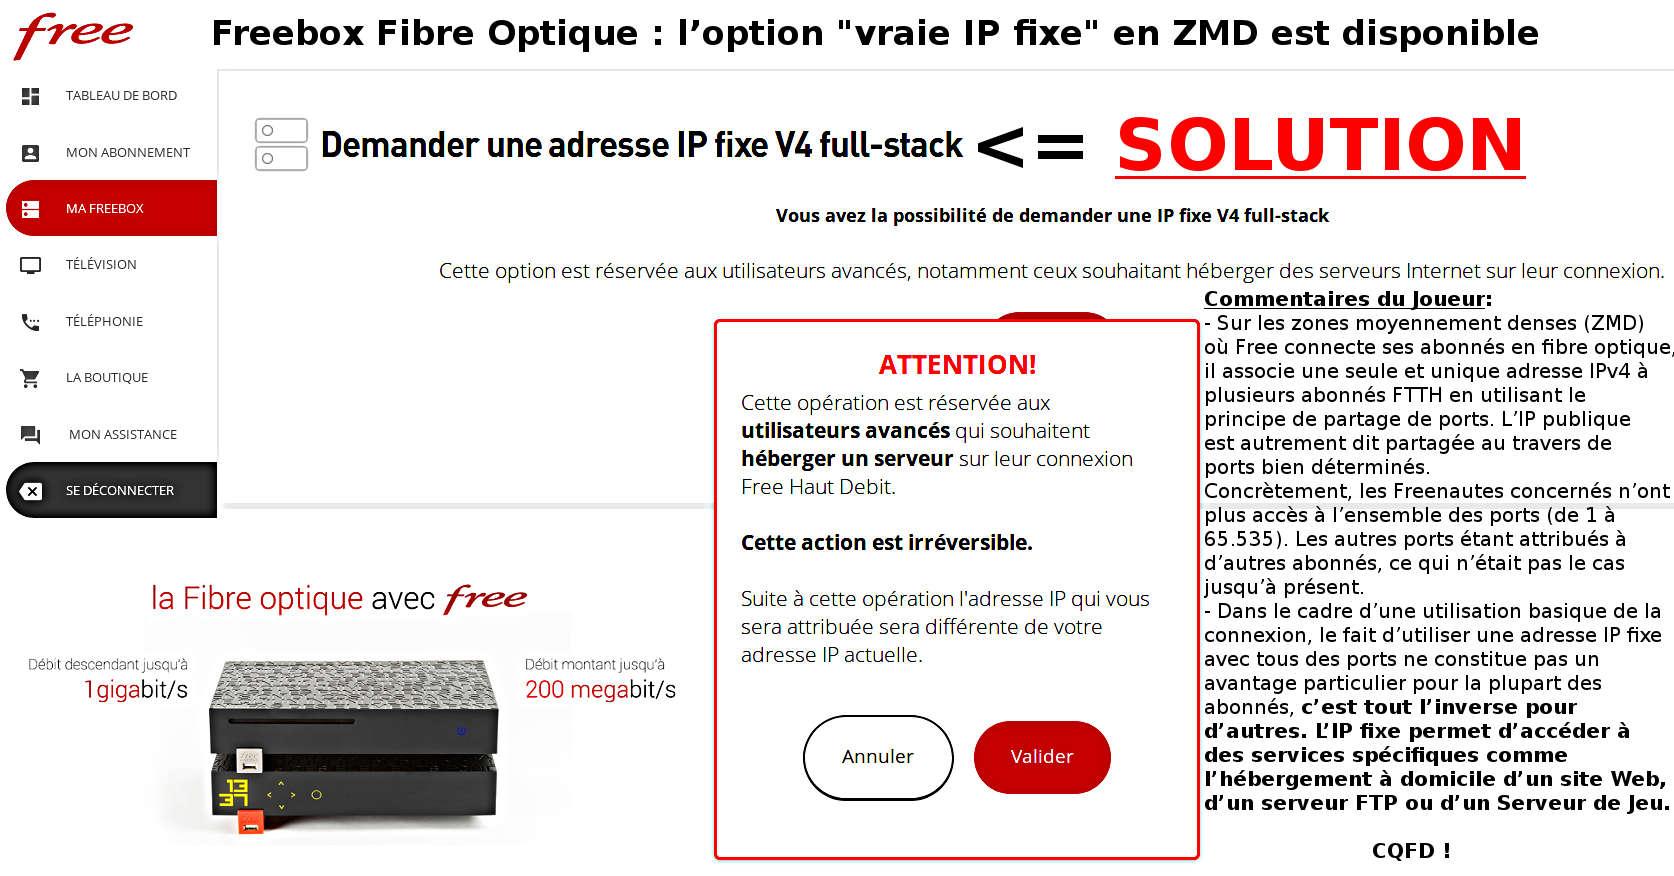 faire une demande de fibre optique free